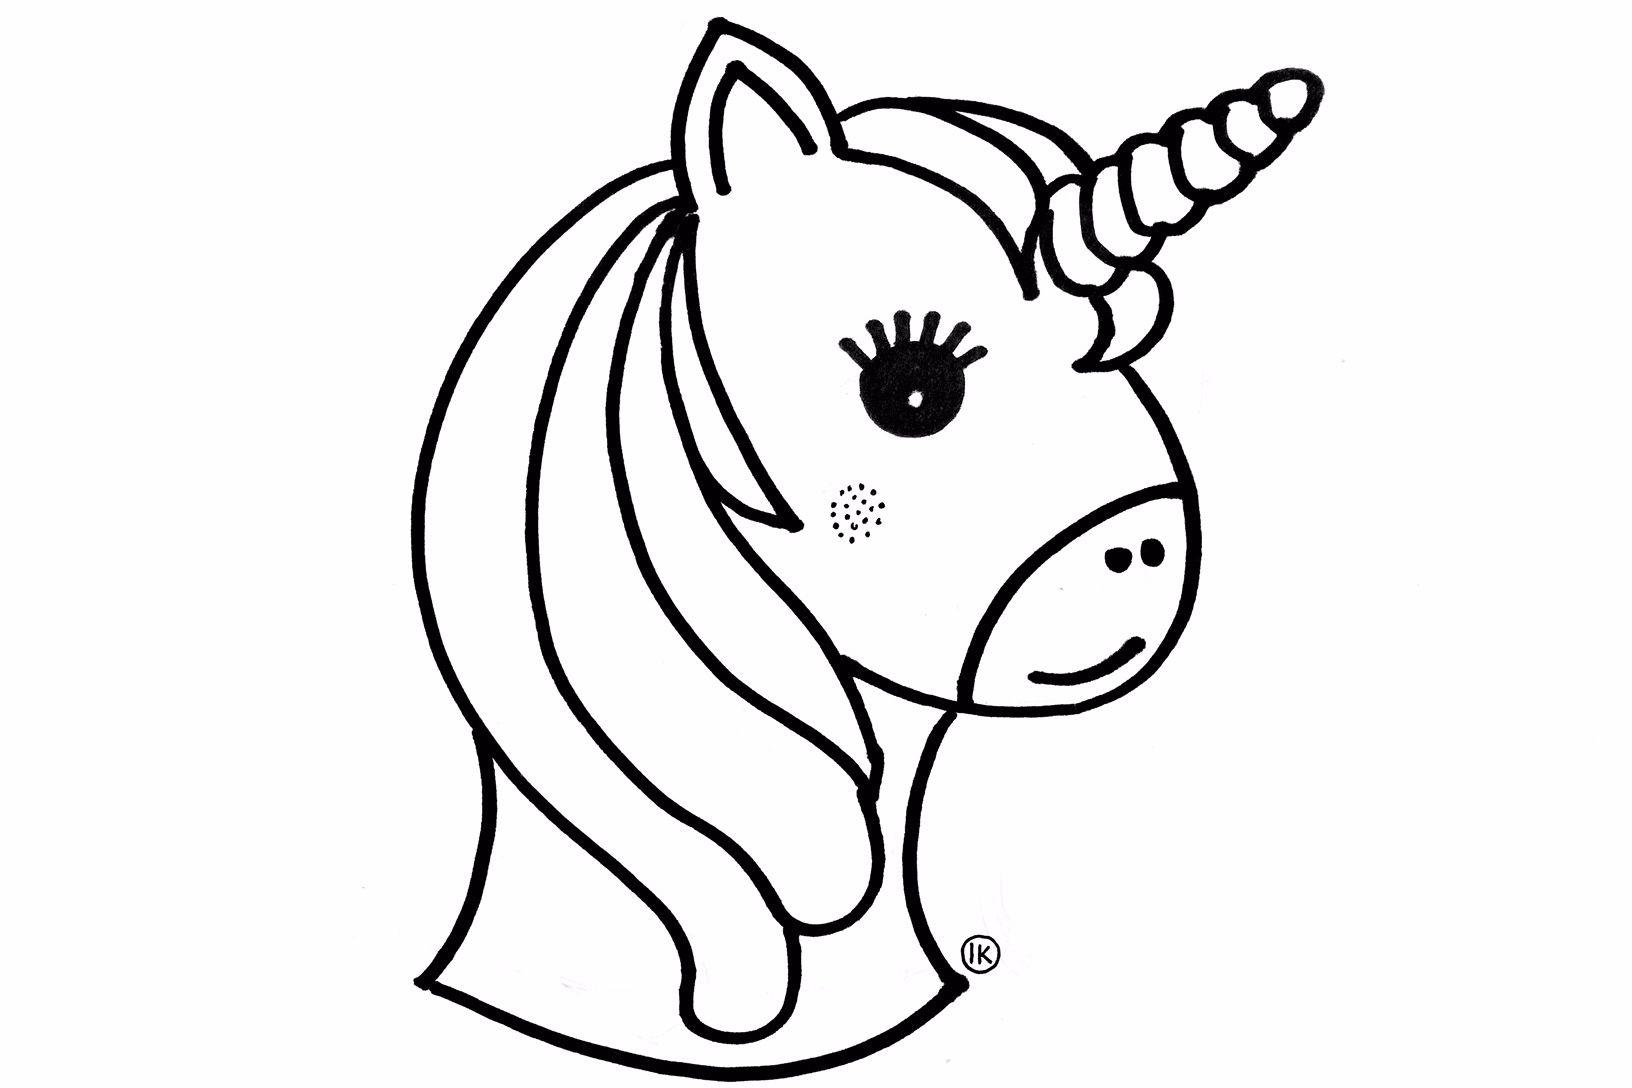 Kleurplaten Emoji Unicorn.Eenhoorn Unicorns Kleurplaten Kleurplaat Kleurplaten